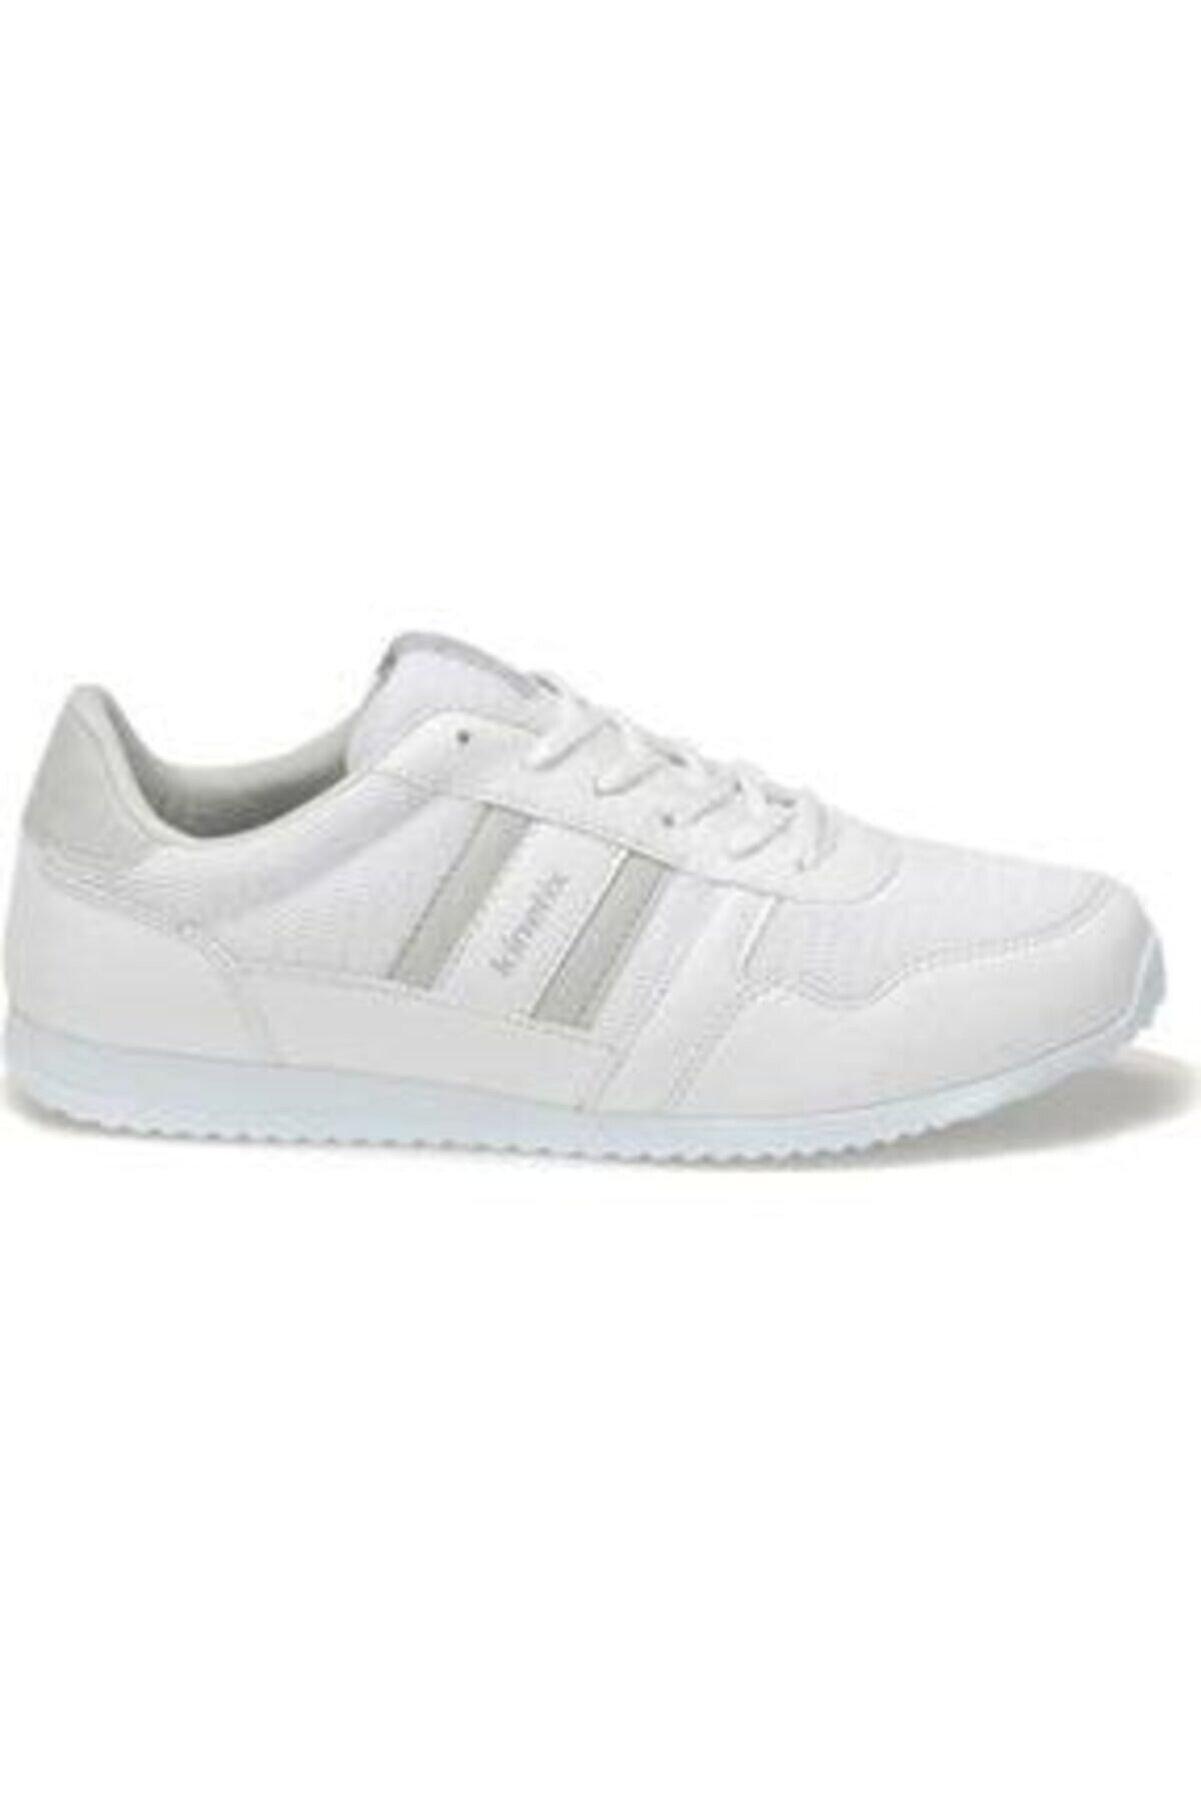 Kinetix CARTER MESH M Beyaz Erkek Sneaker Ayakkabı 100357915